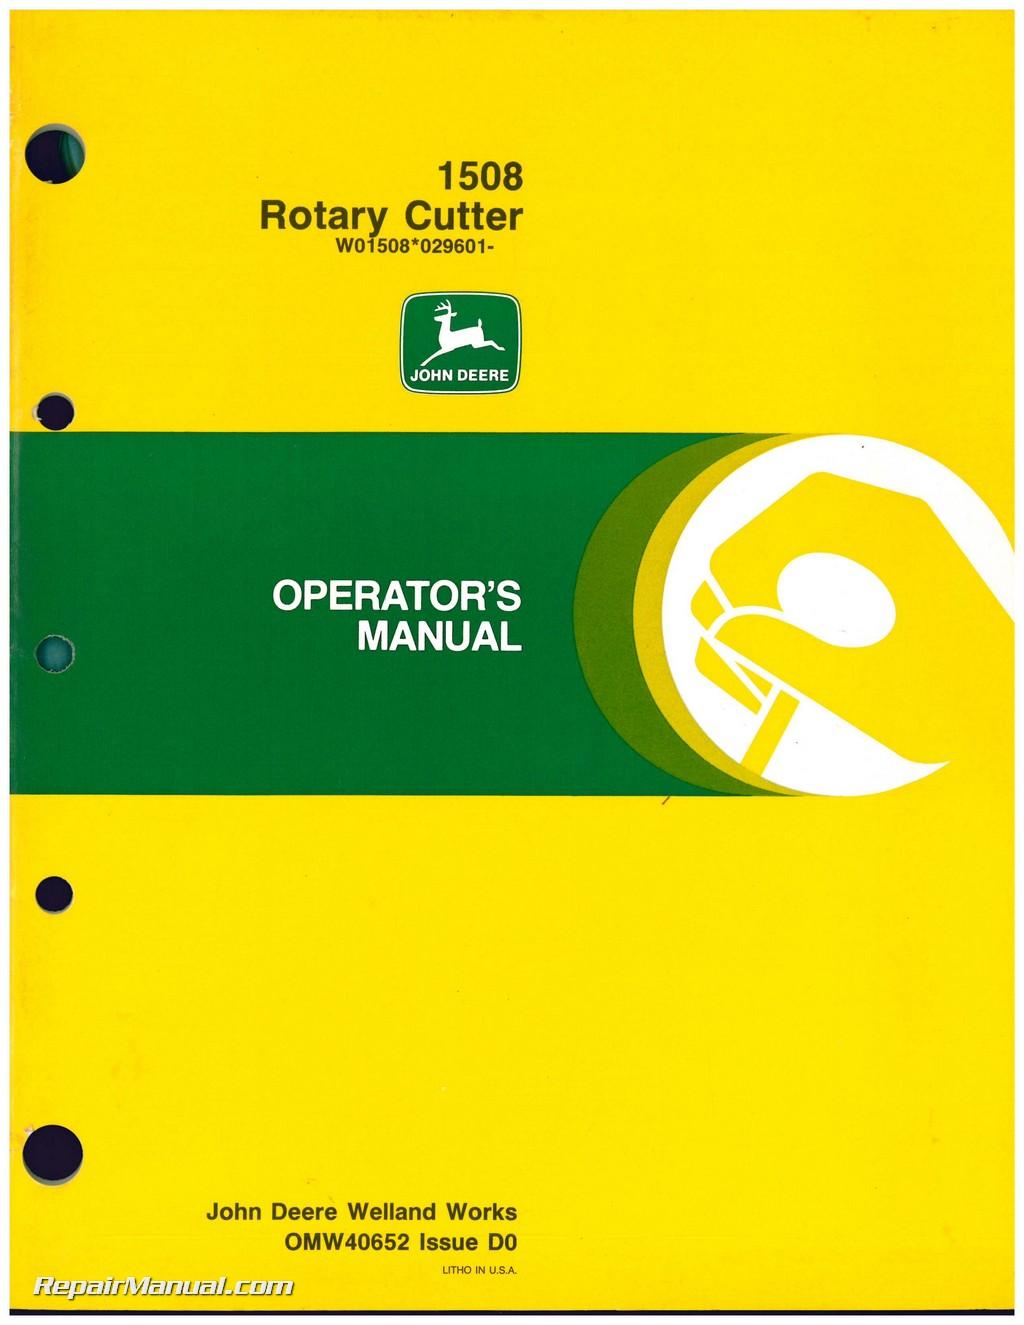 Used John Deere 1508 Rotary Cutter Operators Manual